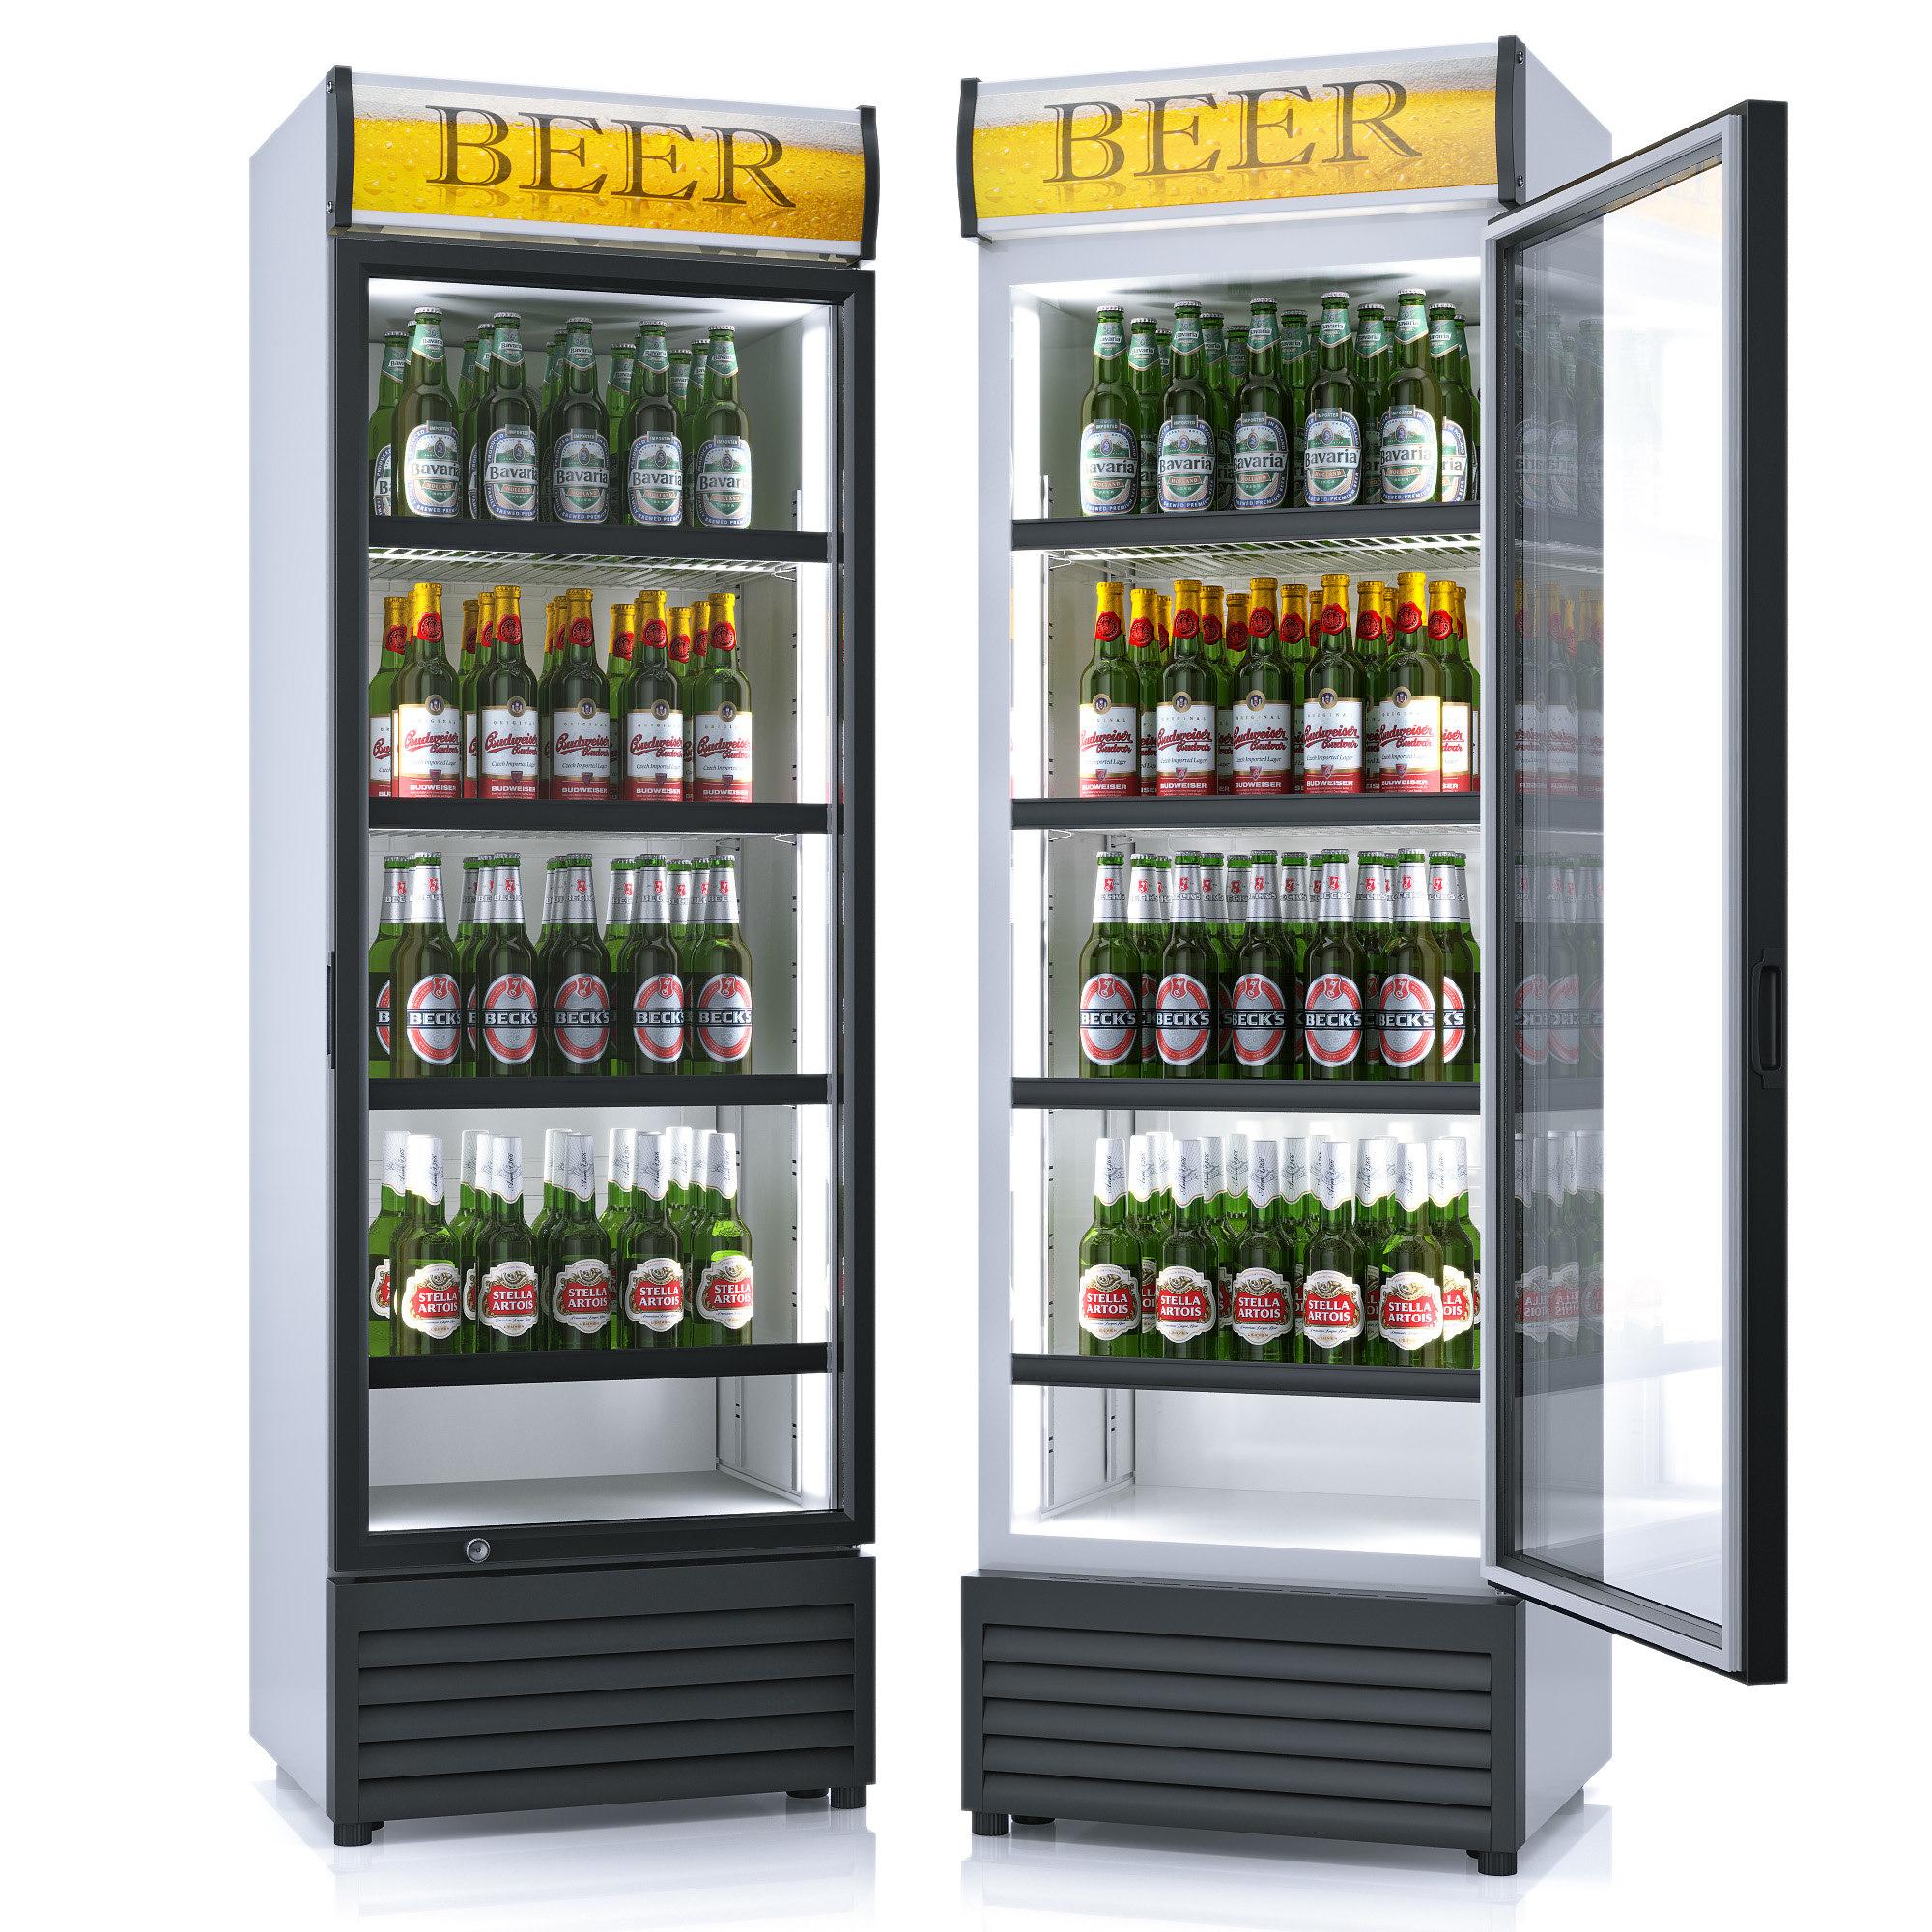 Refrigerator_Beer_01.jpg